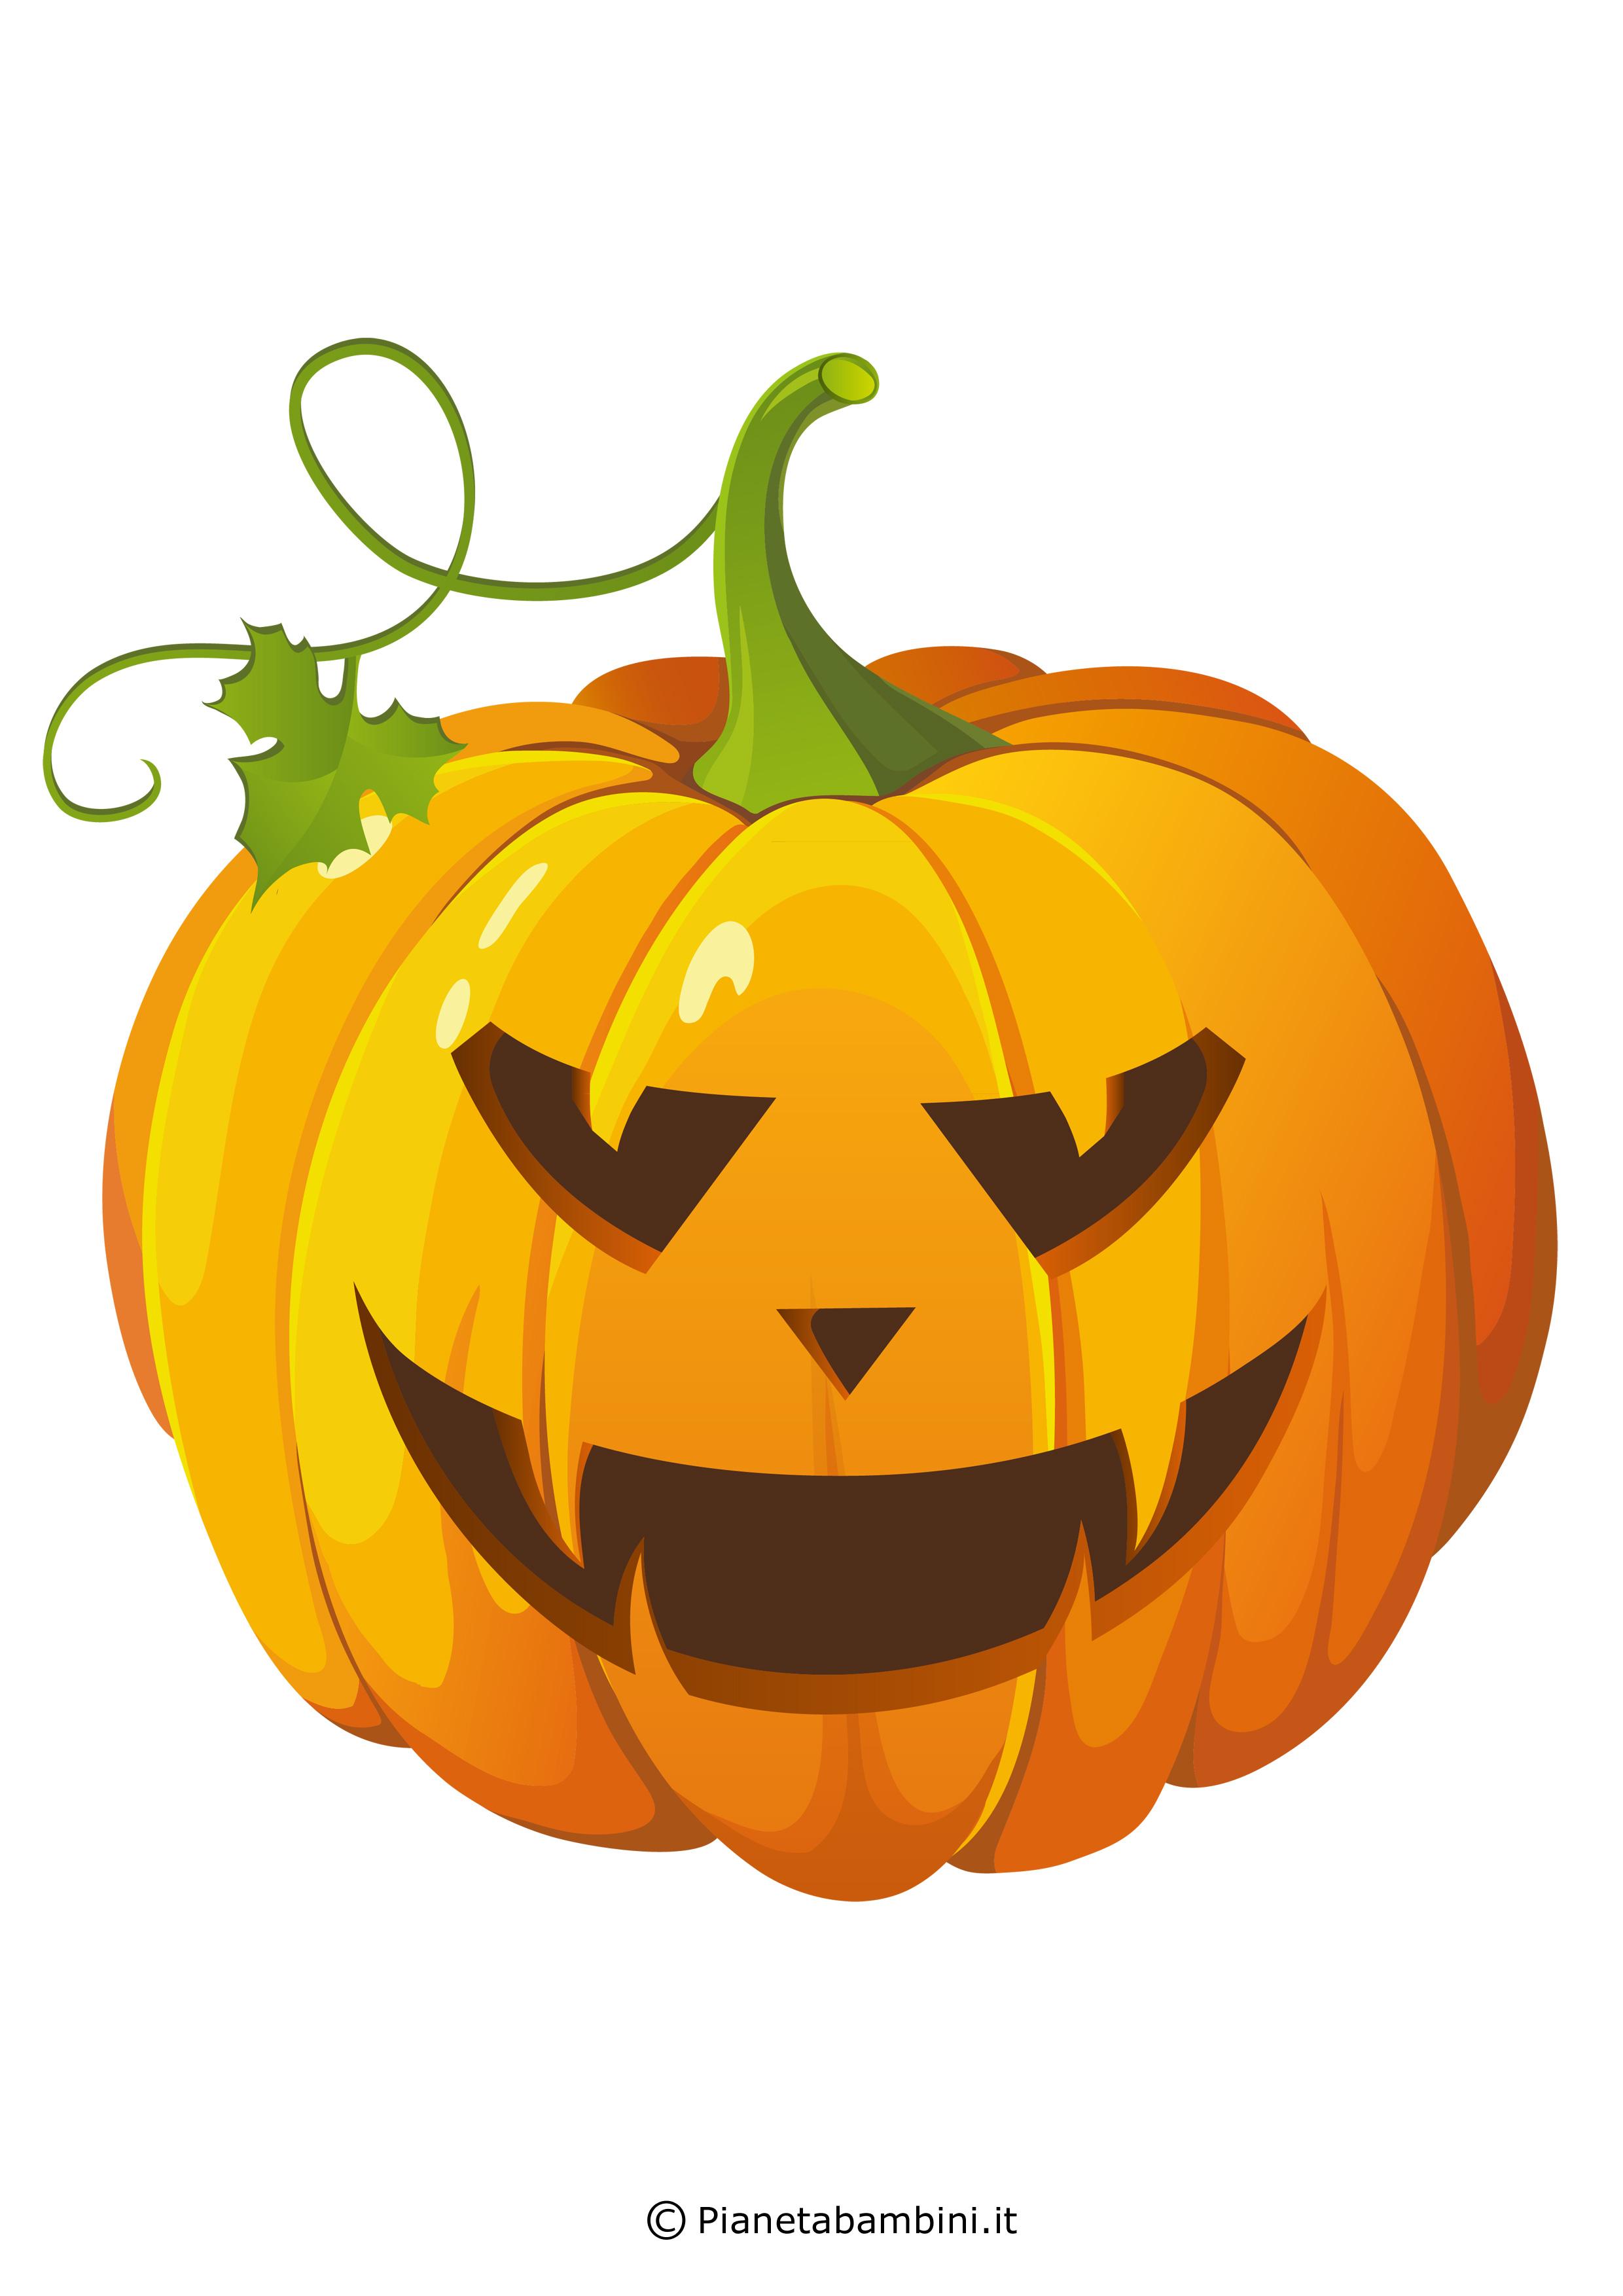 Immagini di zucche di halloween da stampare e ritagliare - Disegni di zucche ...